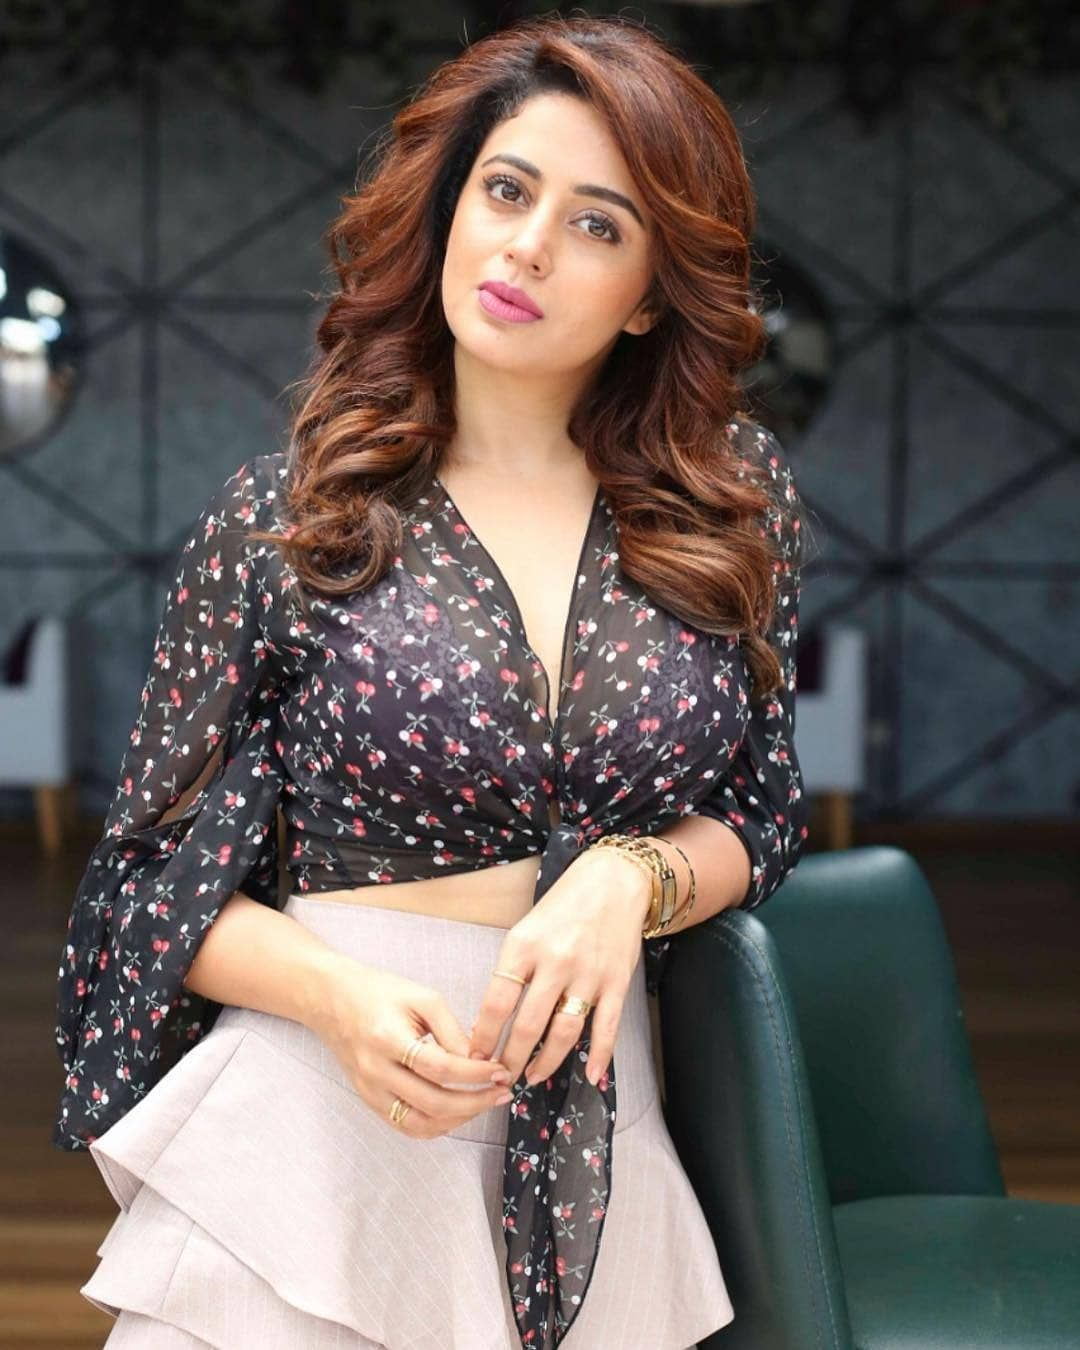 नेहा पेंडसे ची घायाळ करणारी अदा | Neha Pendse - Marathi Actress #nehapendse  | Beautiful indian actress, Neha pendse, Beautiful bollywood actress